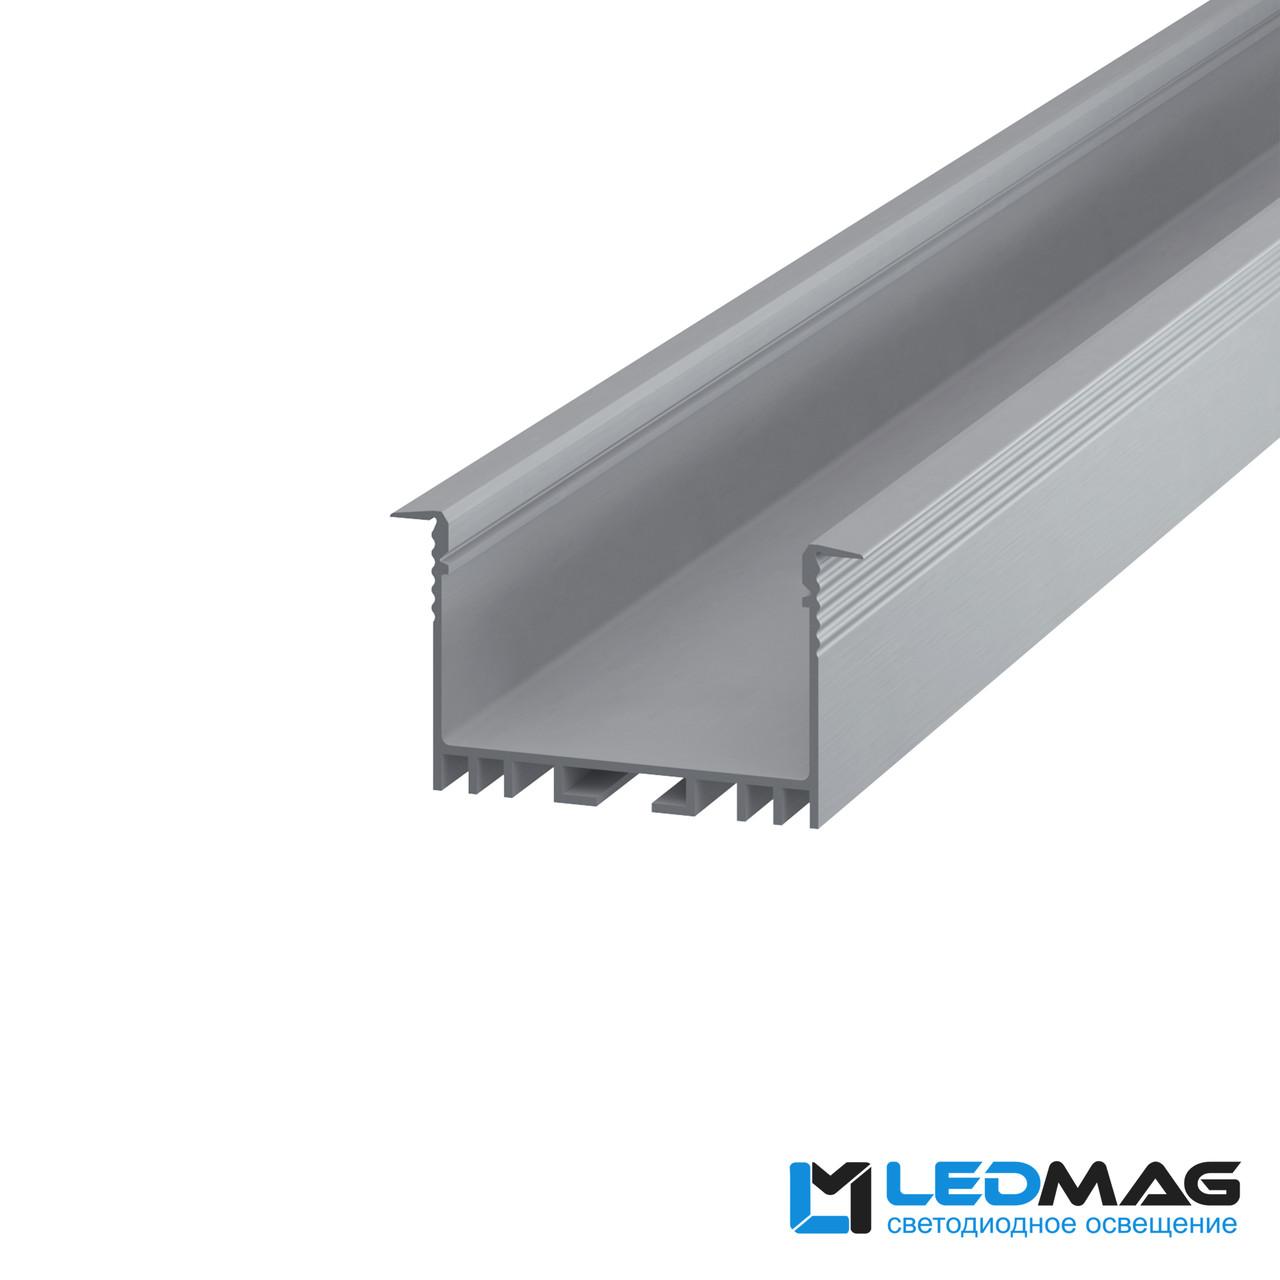 Профиль для светодиодной ленты врезной LSV-40 алюминиевый (2м, 3м, 5м) 54(44)x30 мм